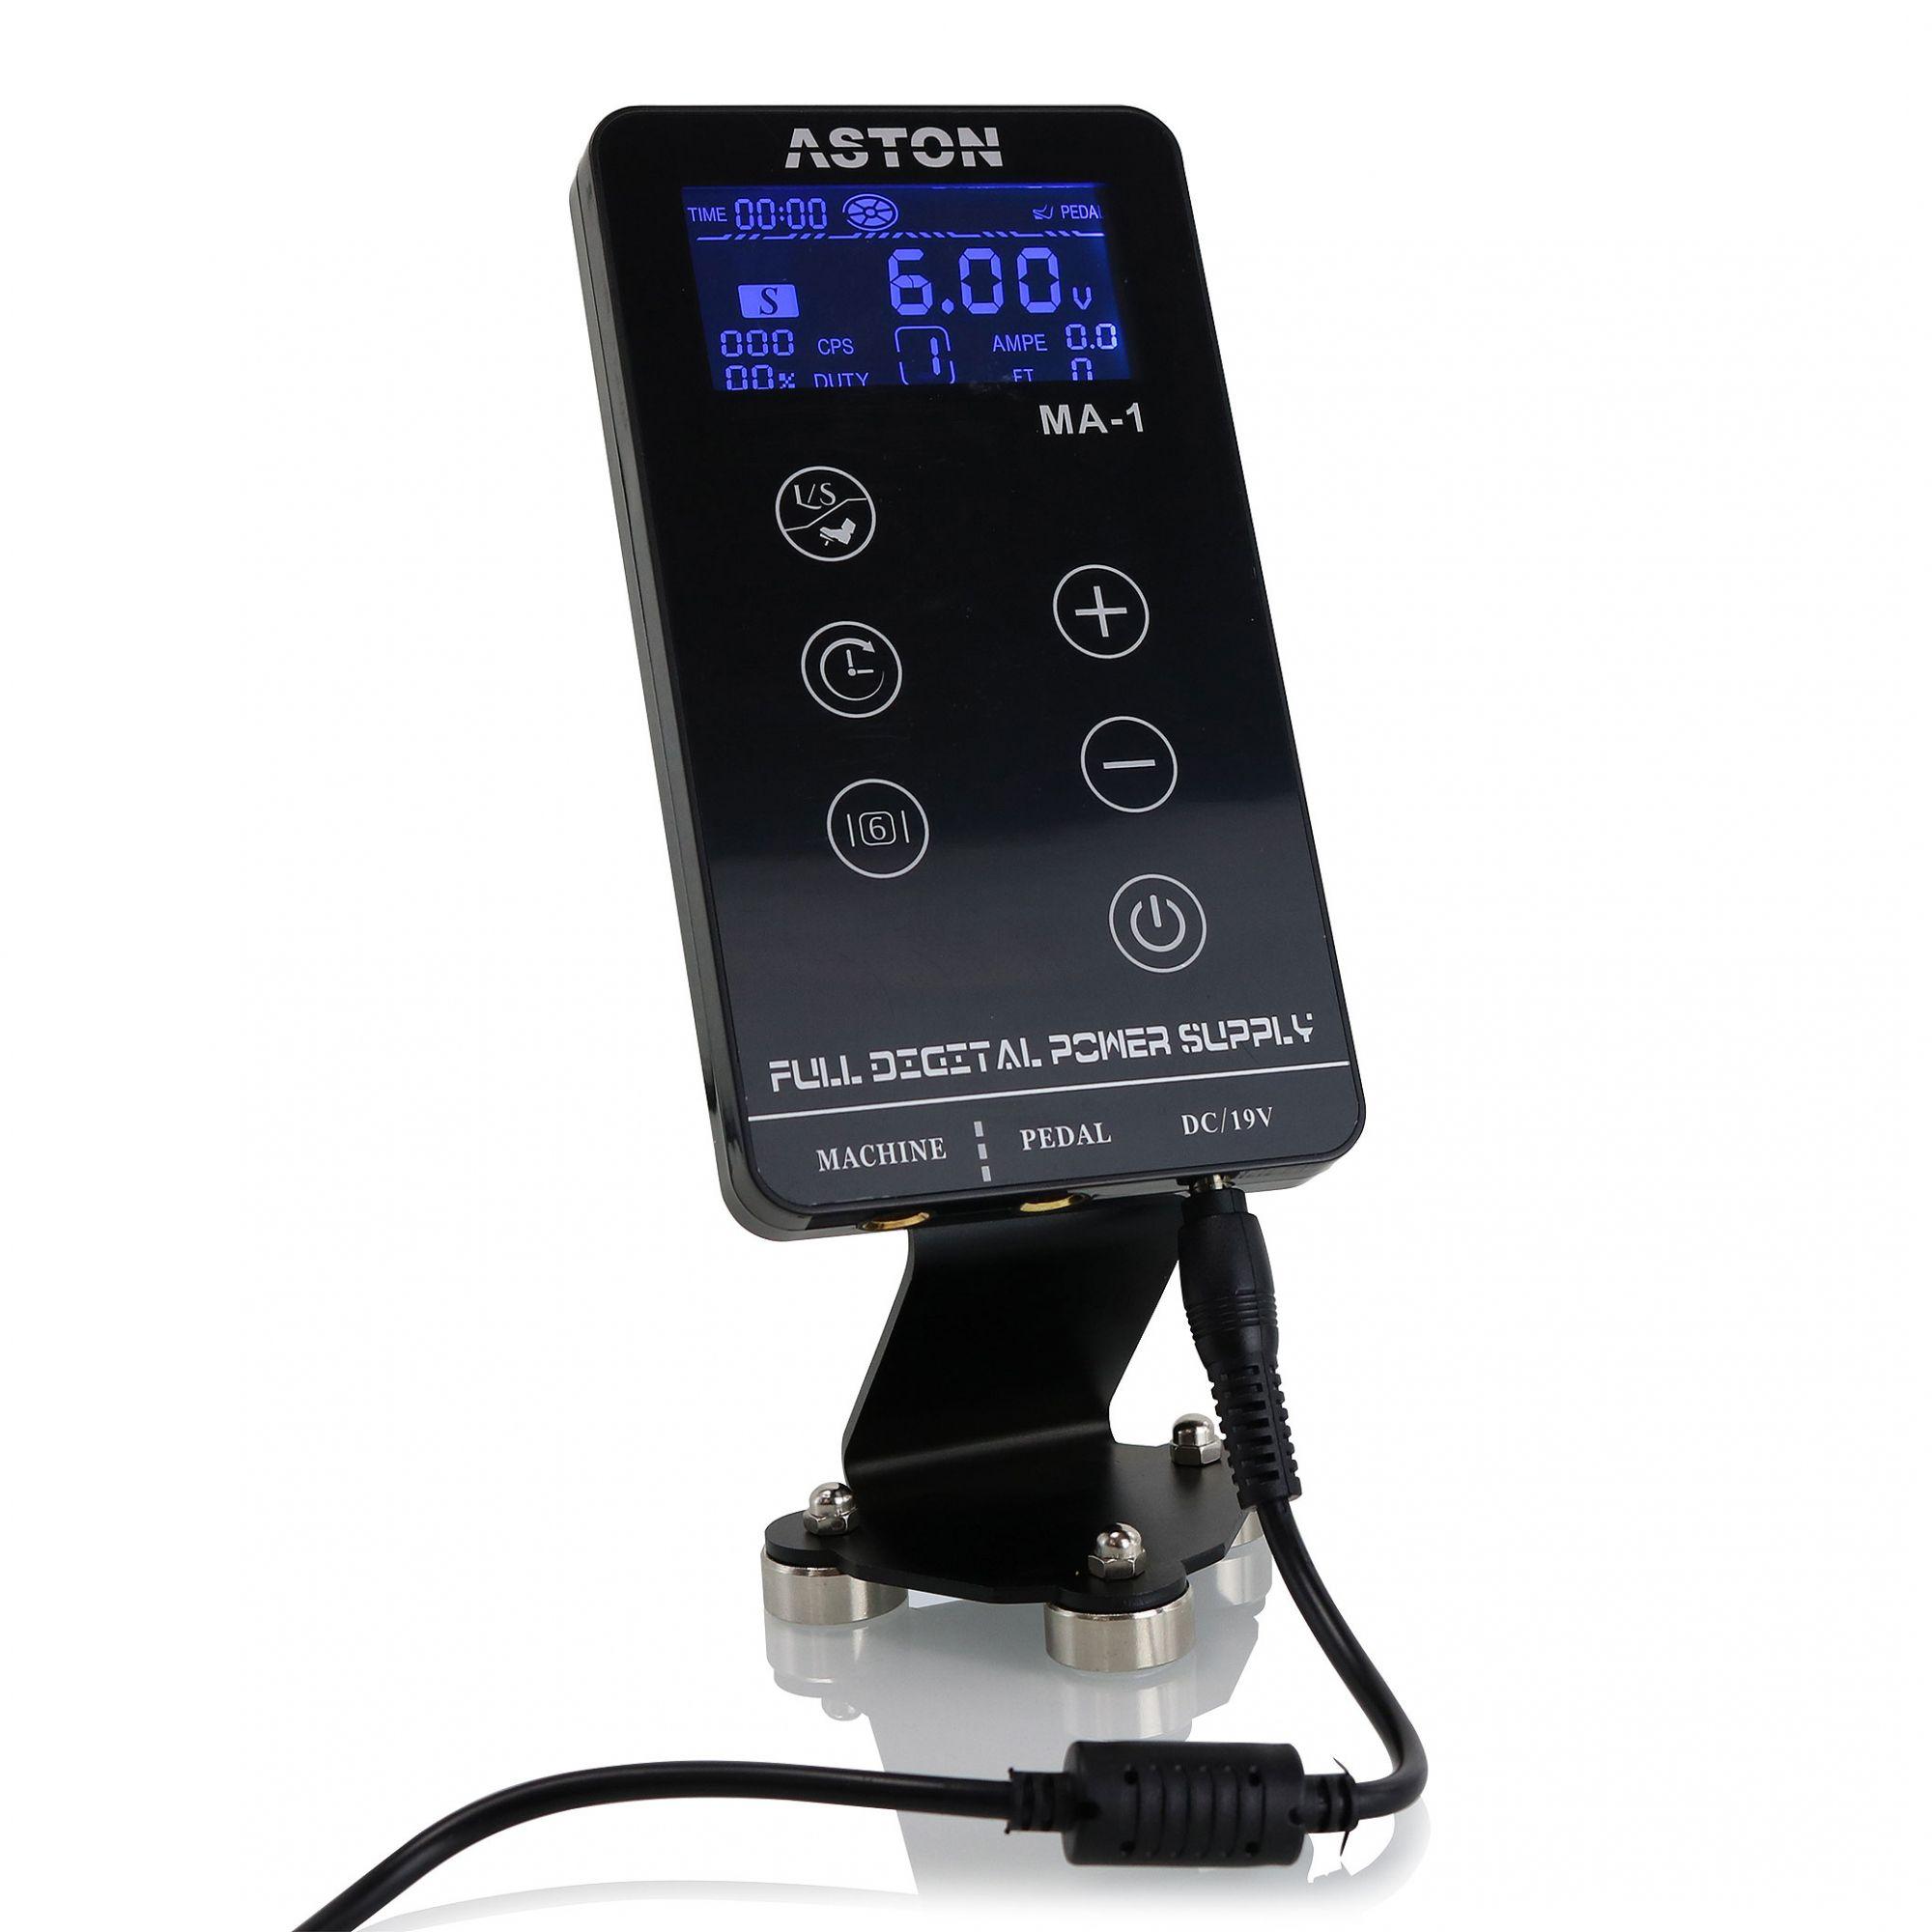 Kit Aston Pen Create Prata + Fonte Aston Ma-1